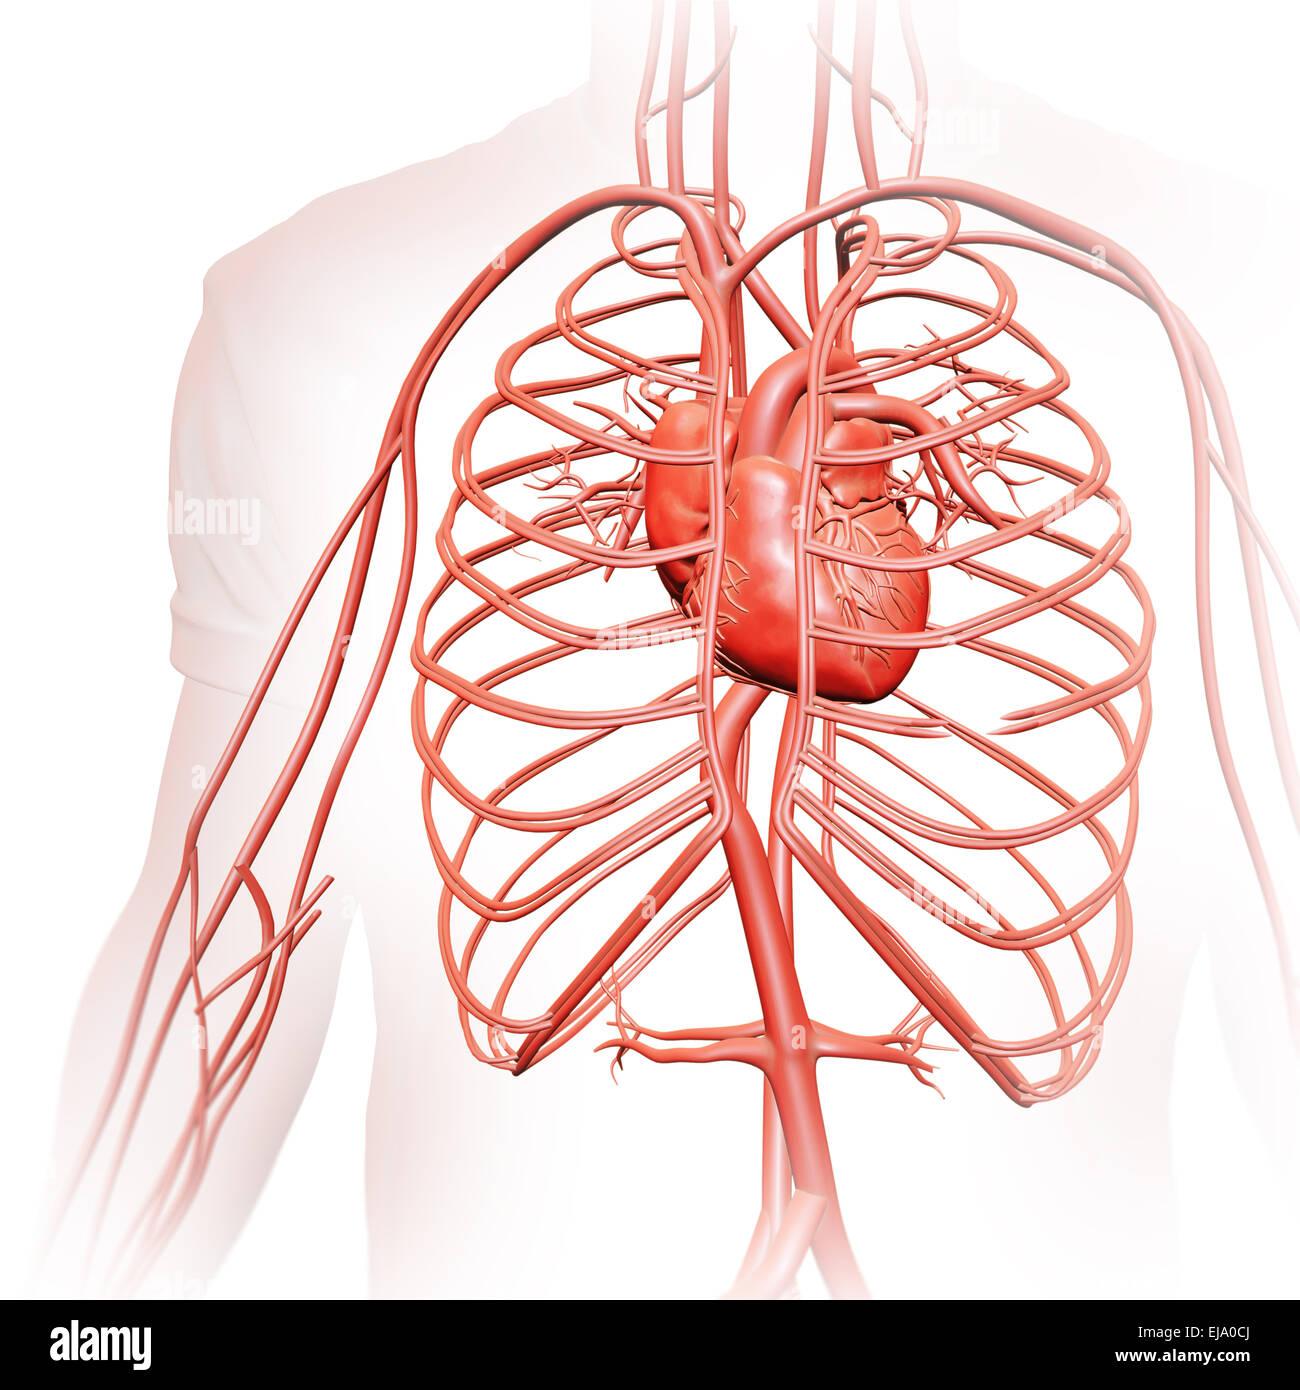 Sistema circulatorio humano - ilustración médica Imagen De Stock